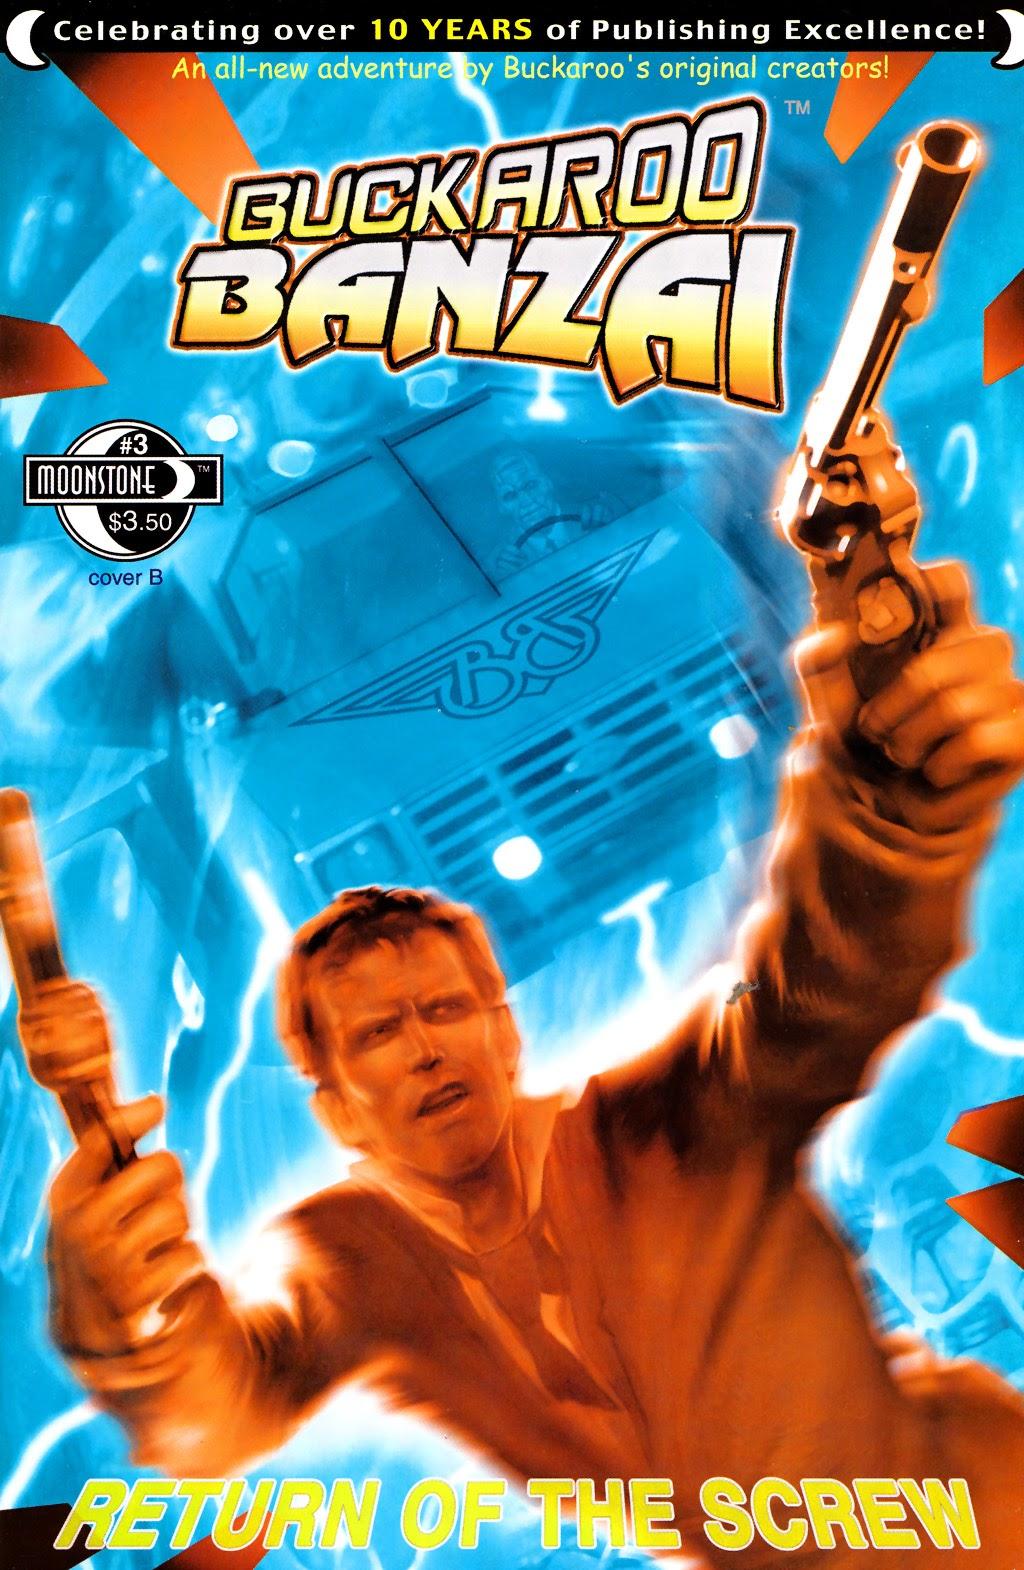 Buckaroo Banzai: Return of the Screw 3 Page 1